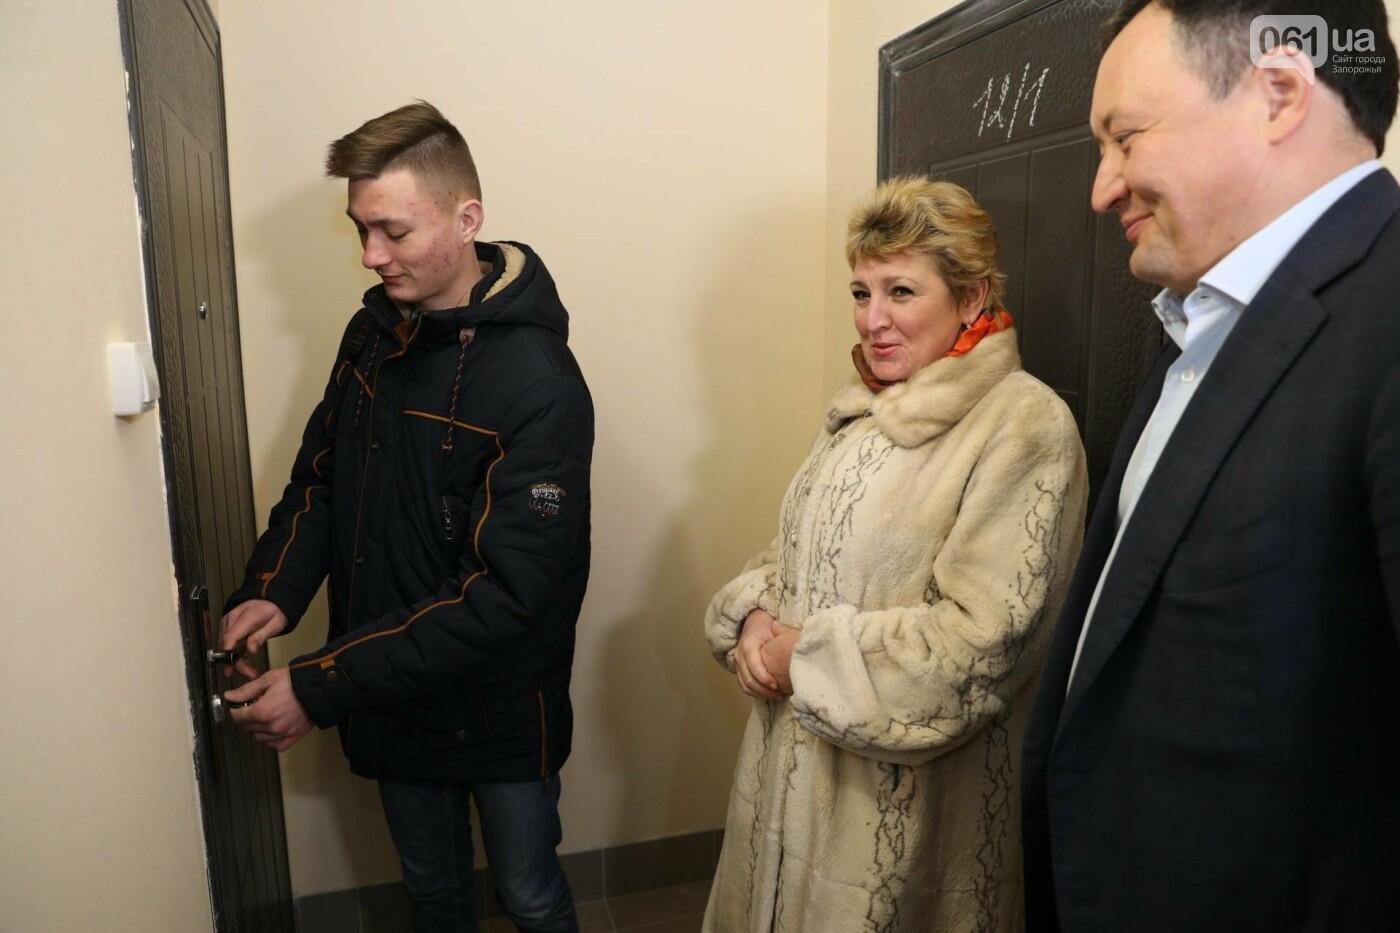 В Мелитополе сиротам передали 8 квартир за 3,5 миллиона, - ФОТО, фото-2